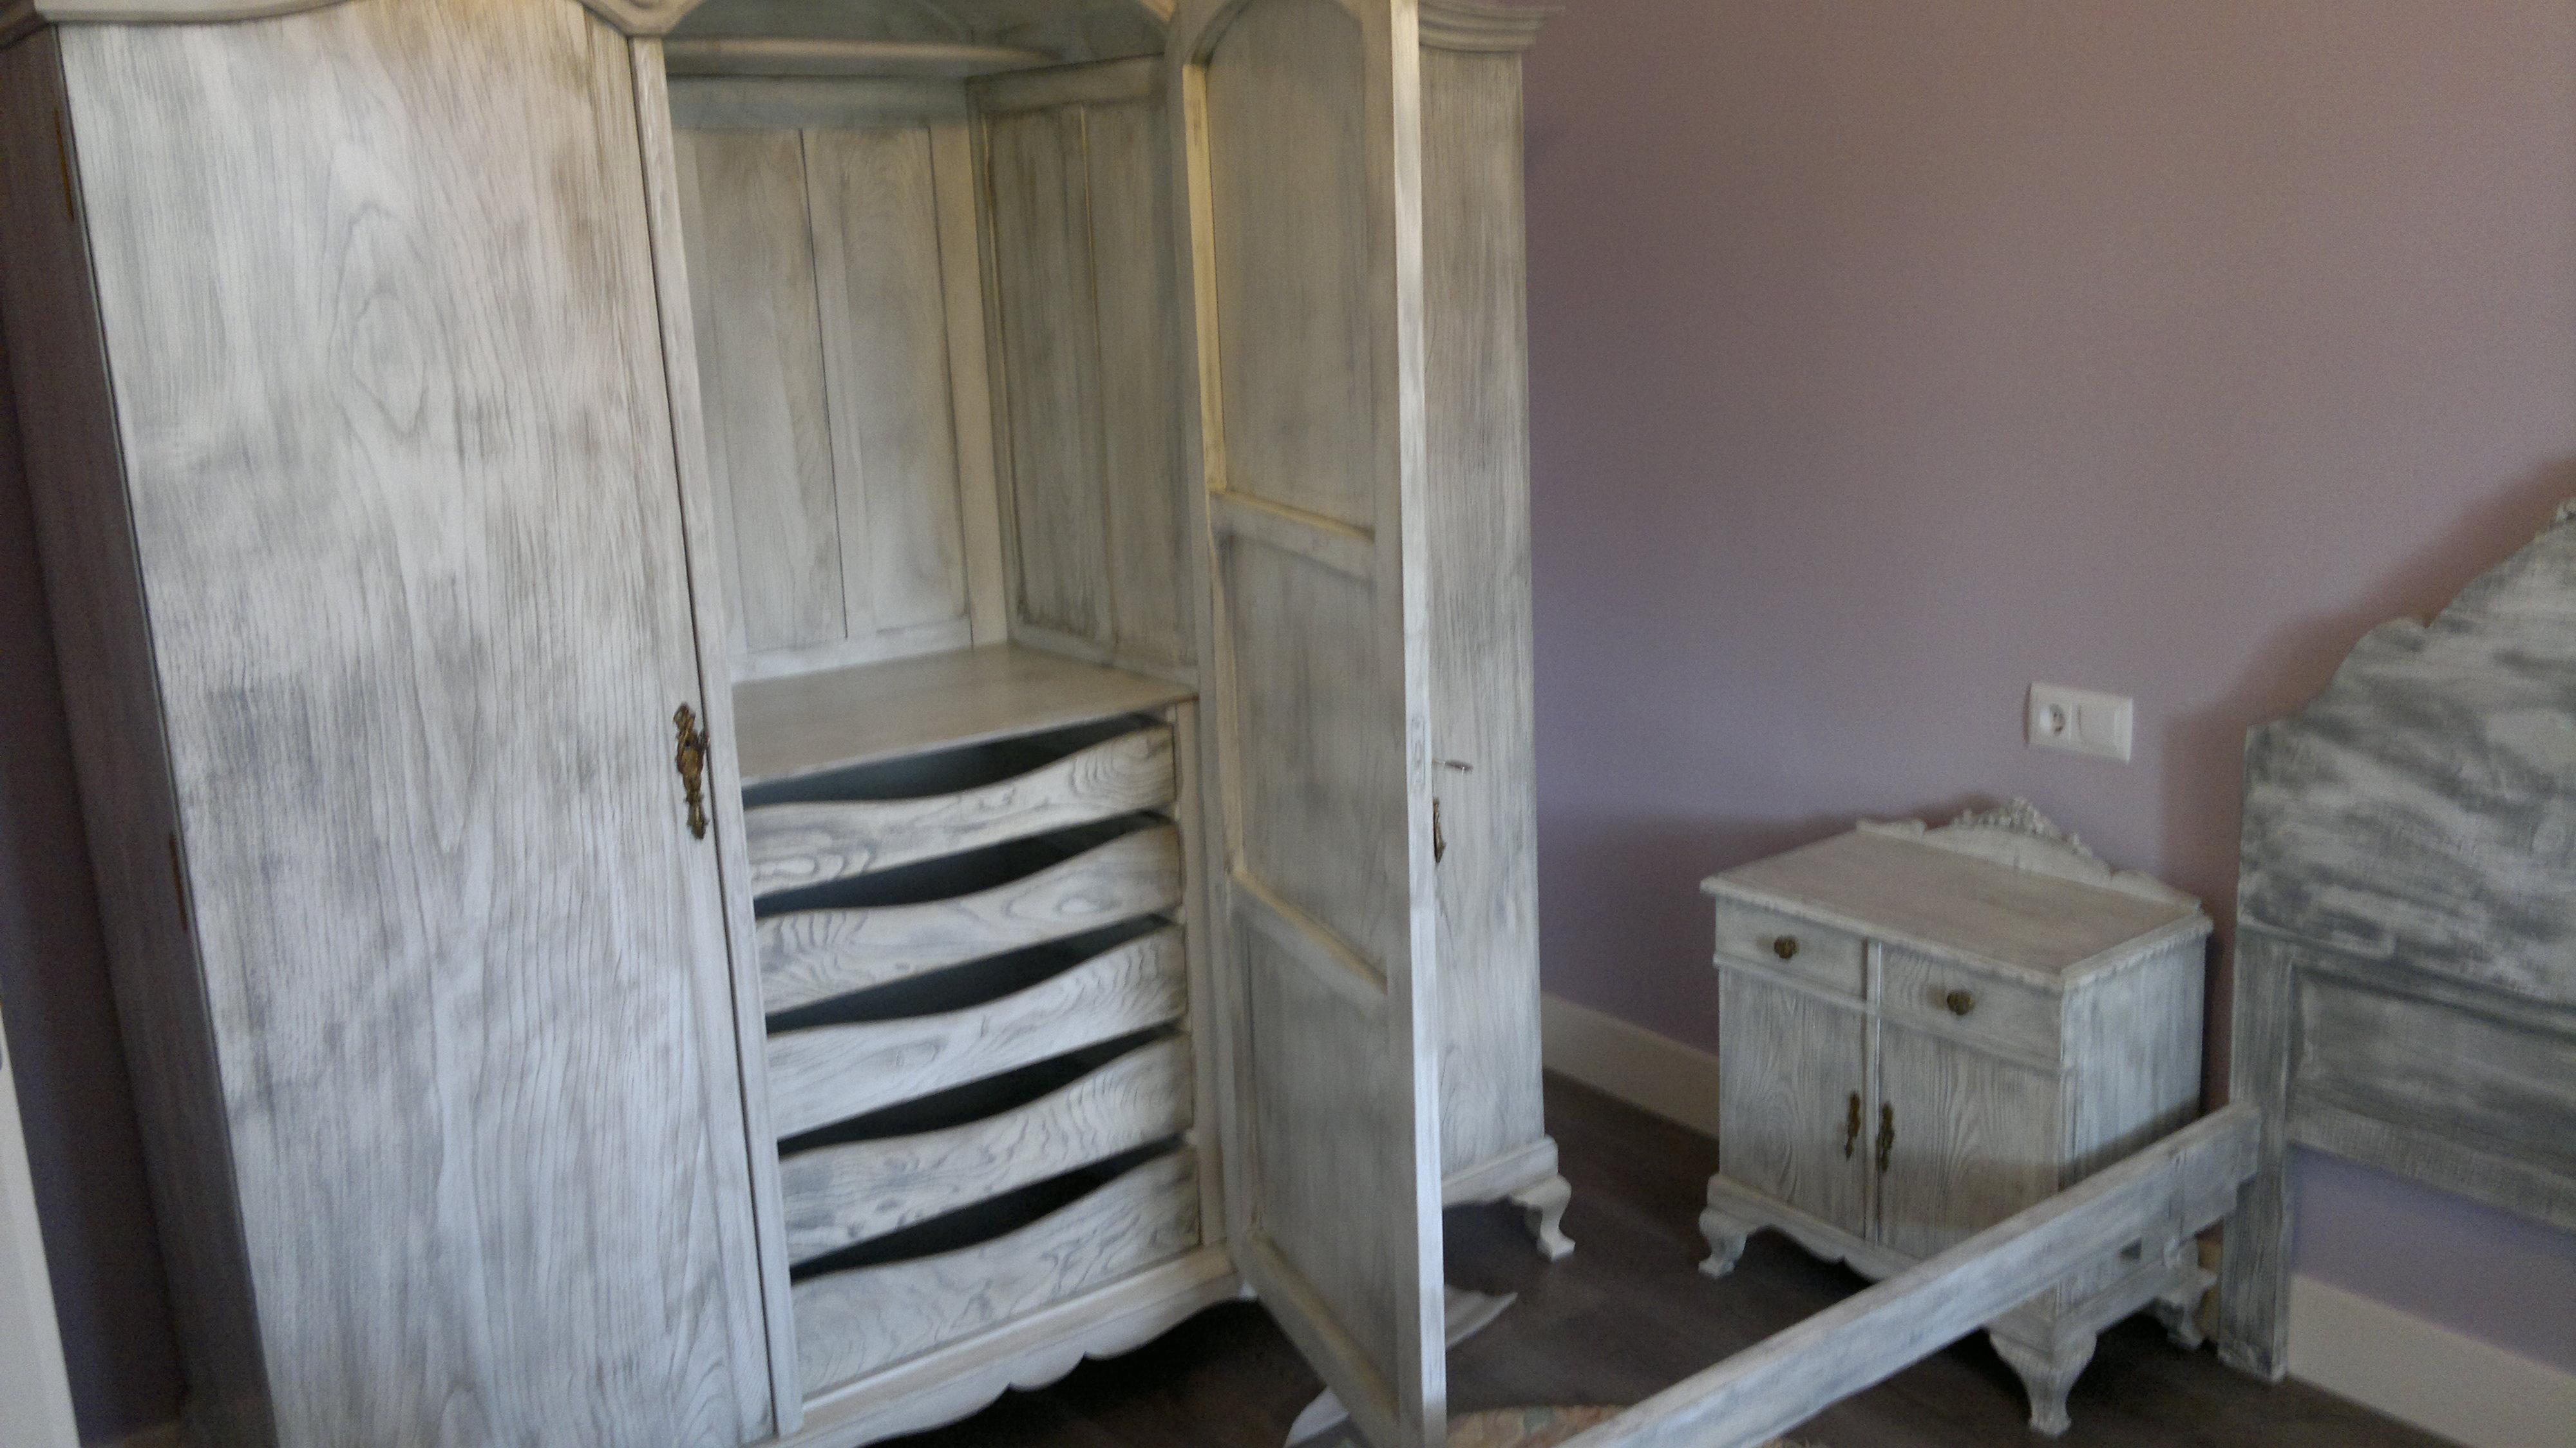 Recuperar muebles antiguos dise os arquitect nicos - Recuperar muebles viejos ...